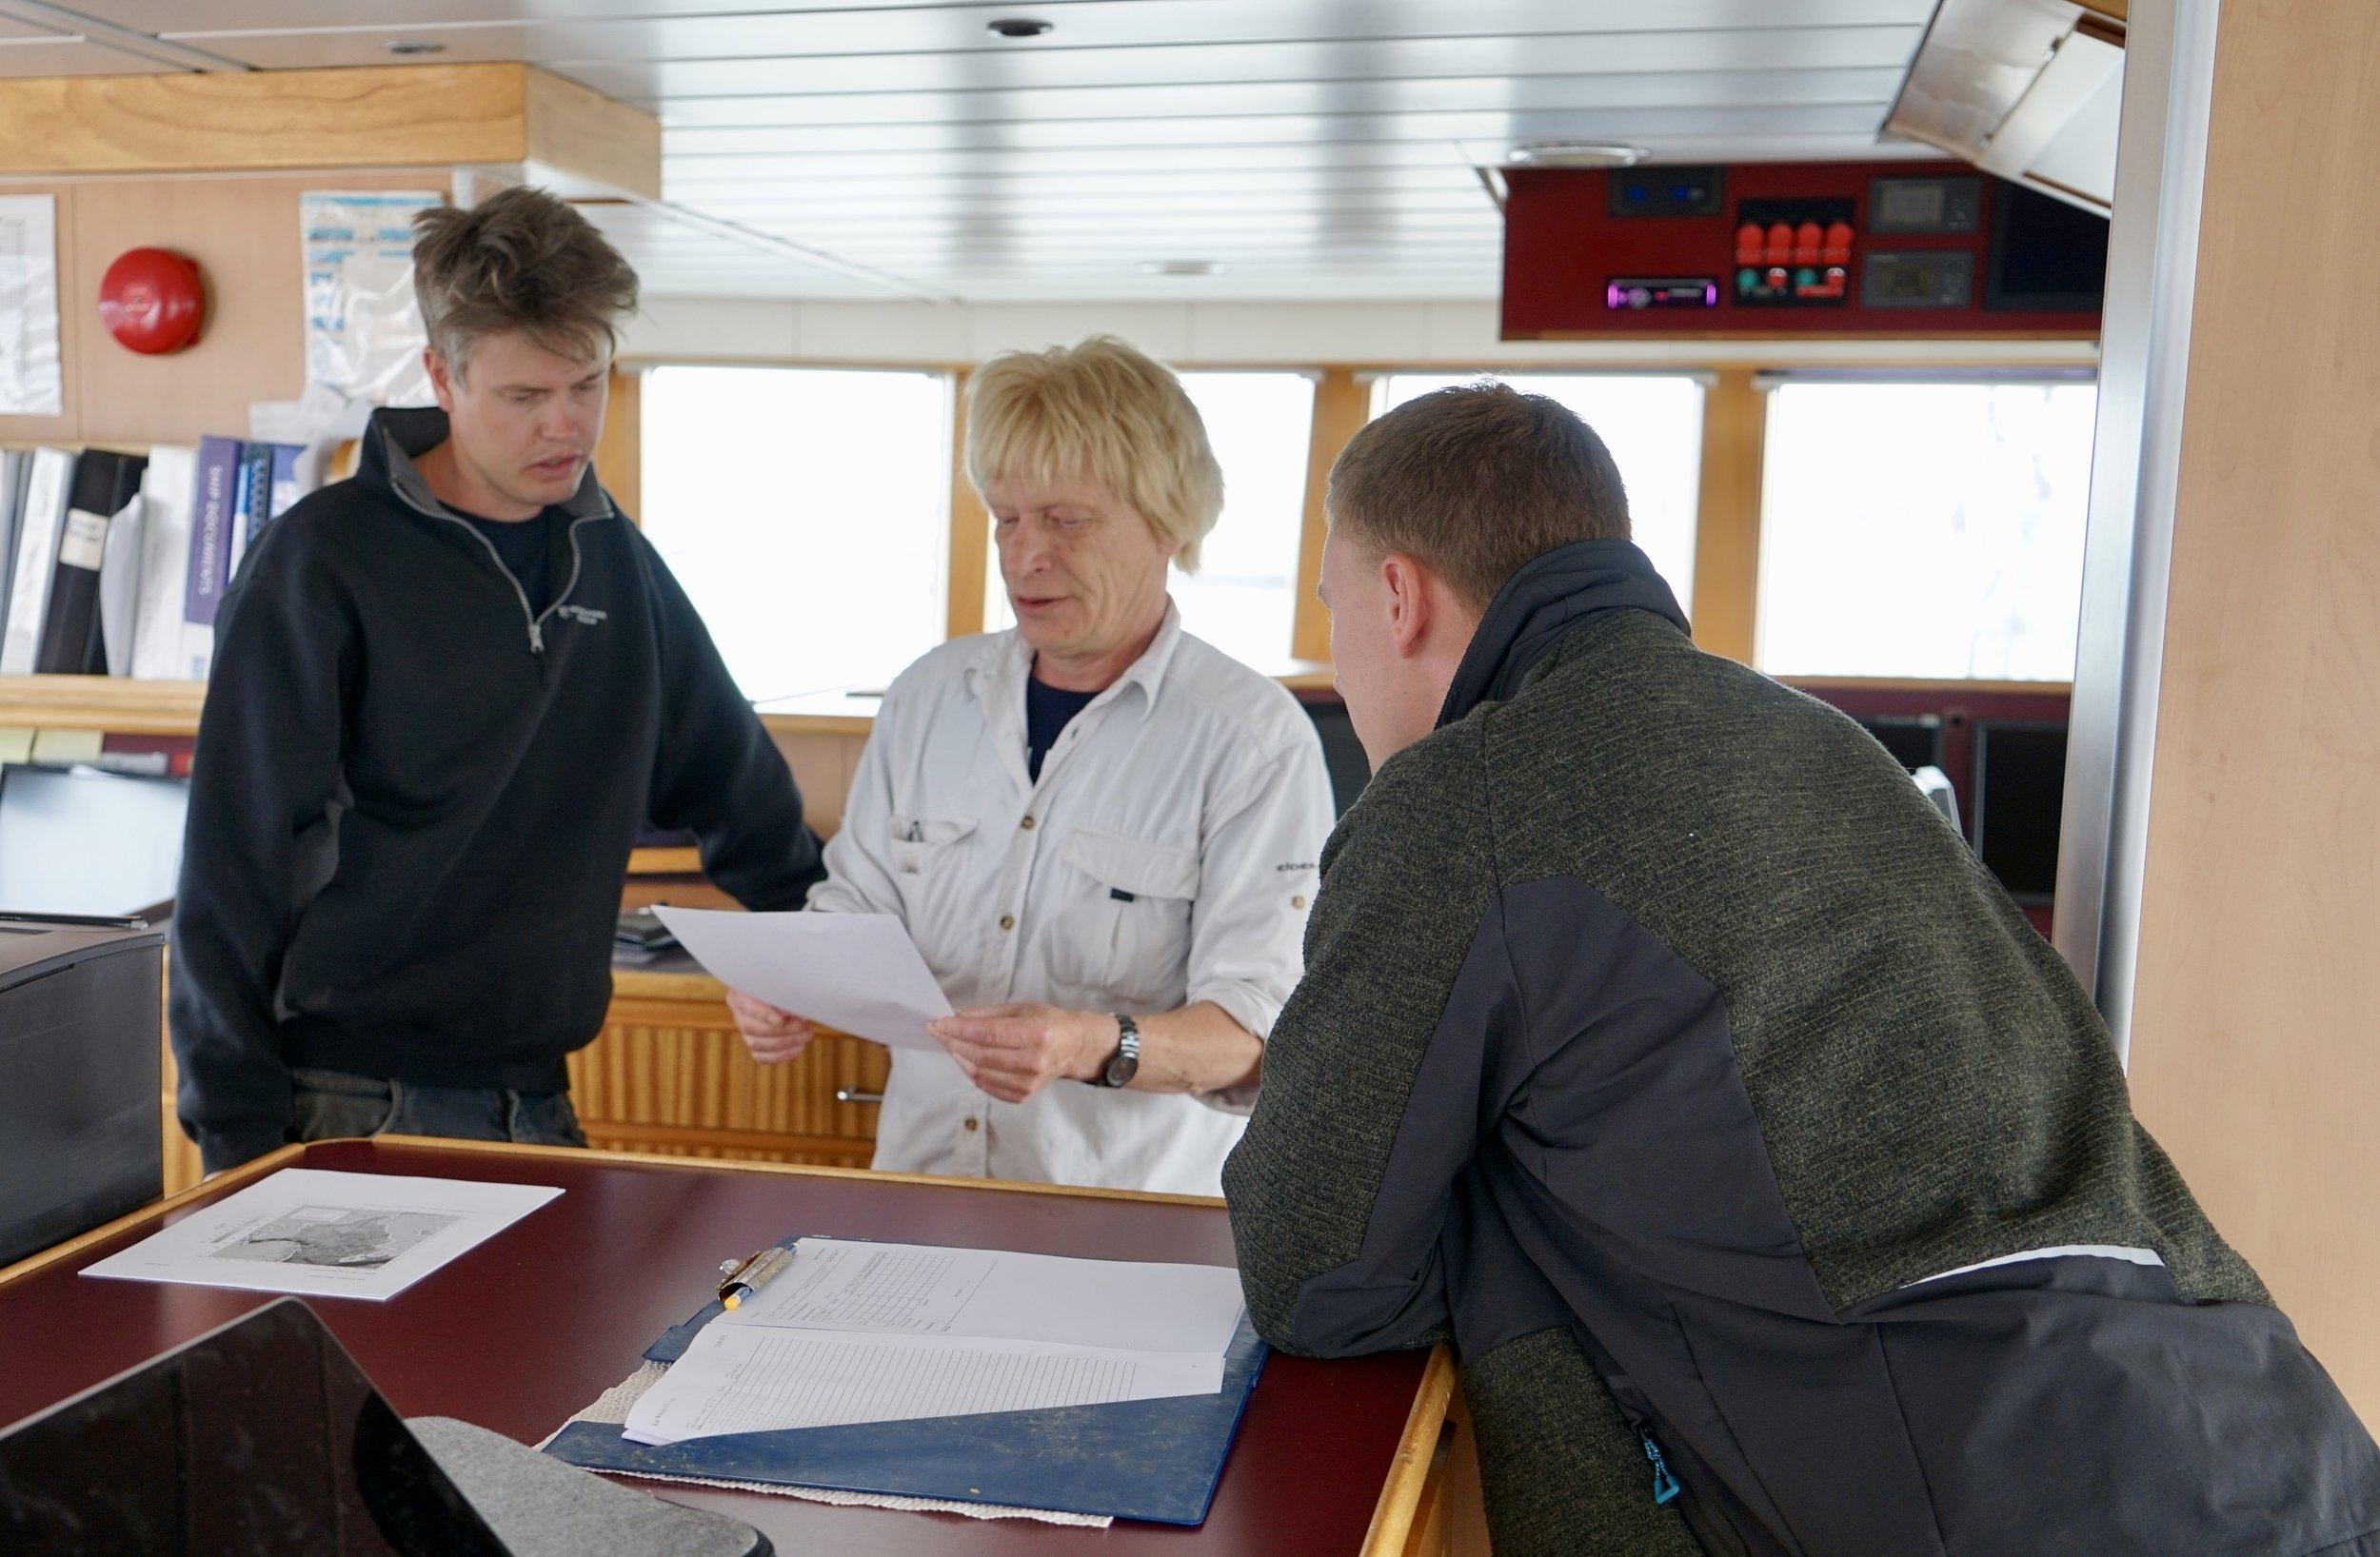 Togtleder, Kai Wieland, og skipper, Jacob Claeson, gennemgår logistikken under det tolv dage langt togt